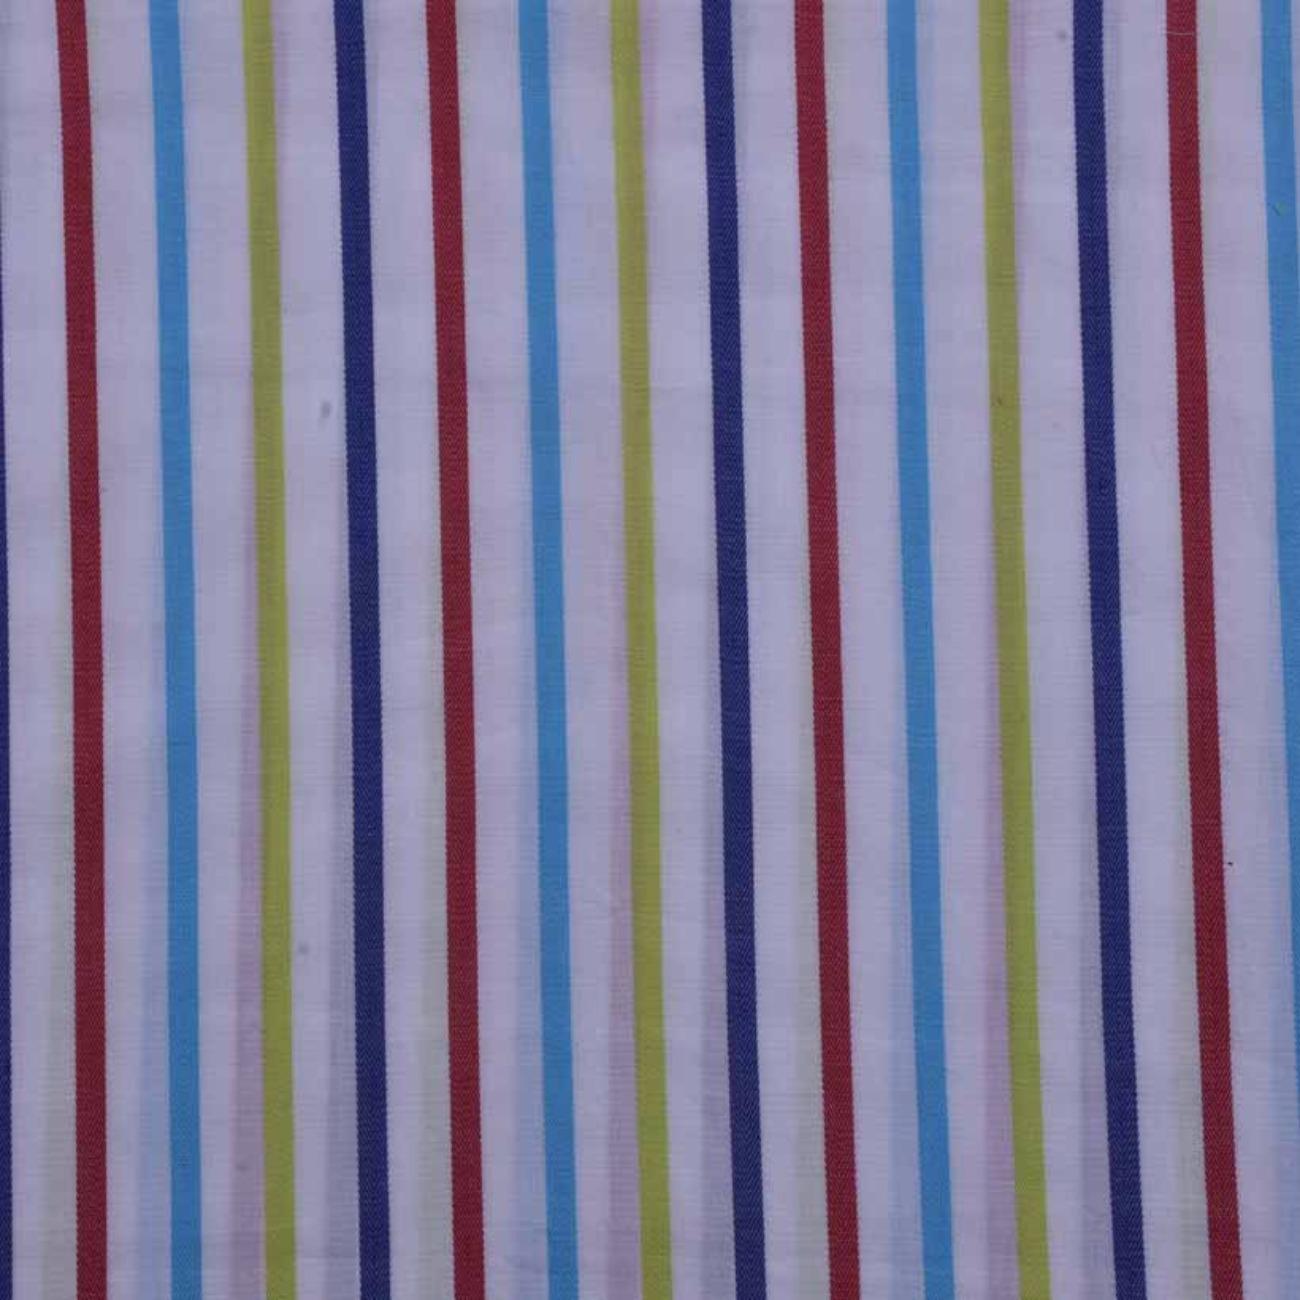 现货条子梭织色织提花低弹休闲时尚风格衬衫连衣裙 短裙 棉感 60929-31